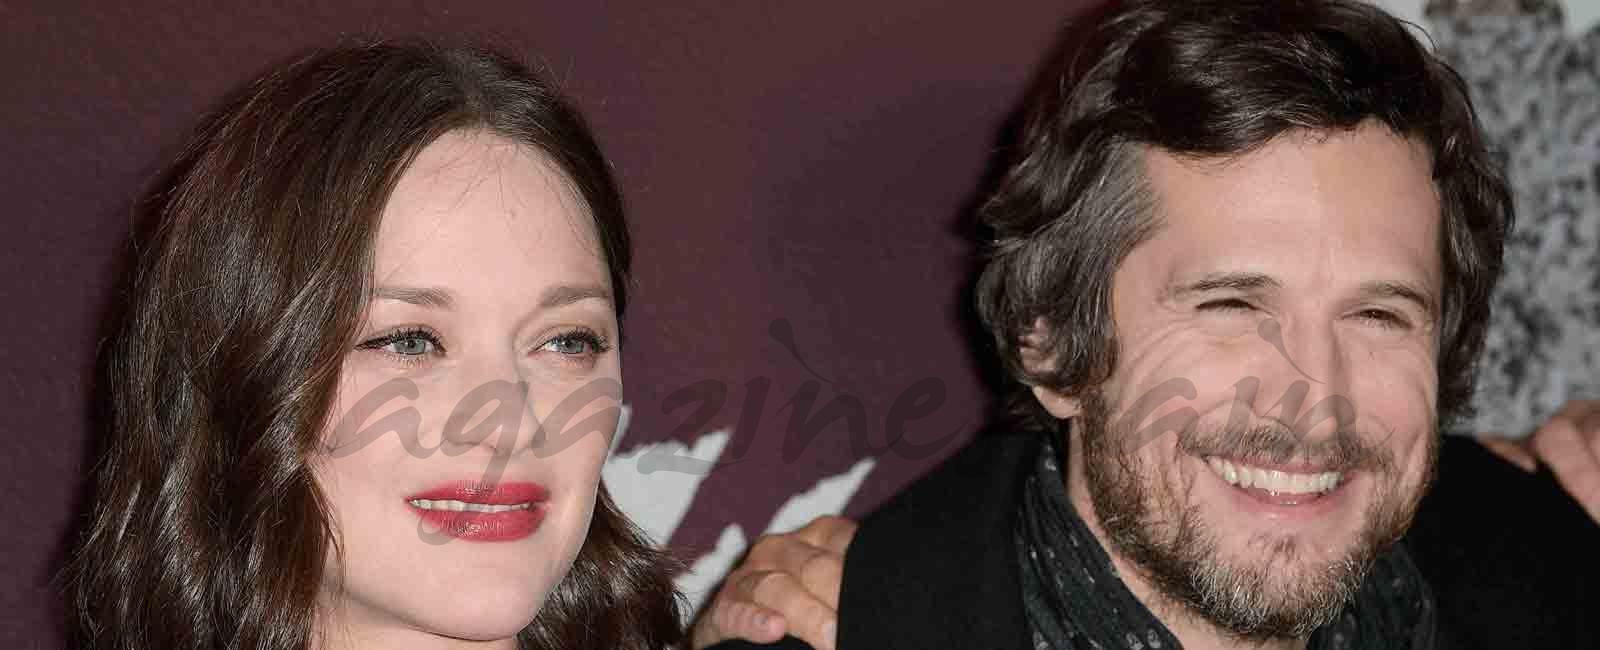 Marion Cotillard y Guillaume Canet padres de una niña